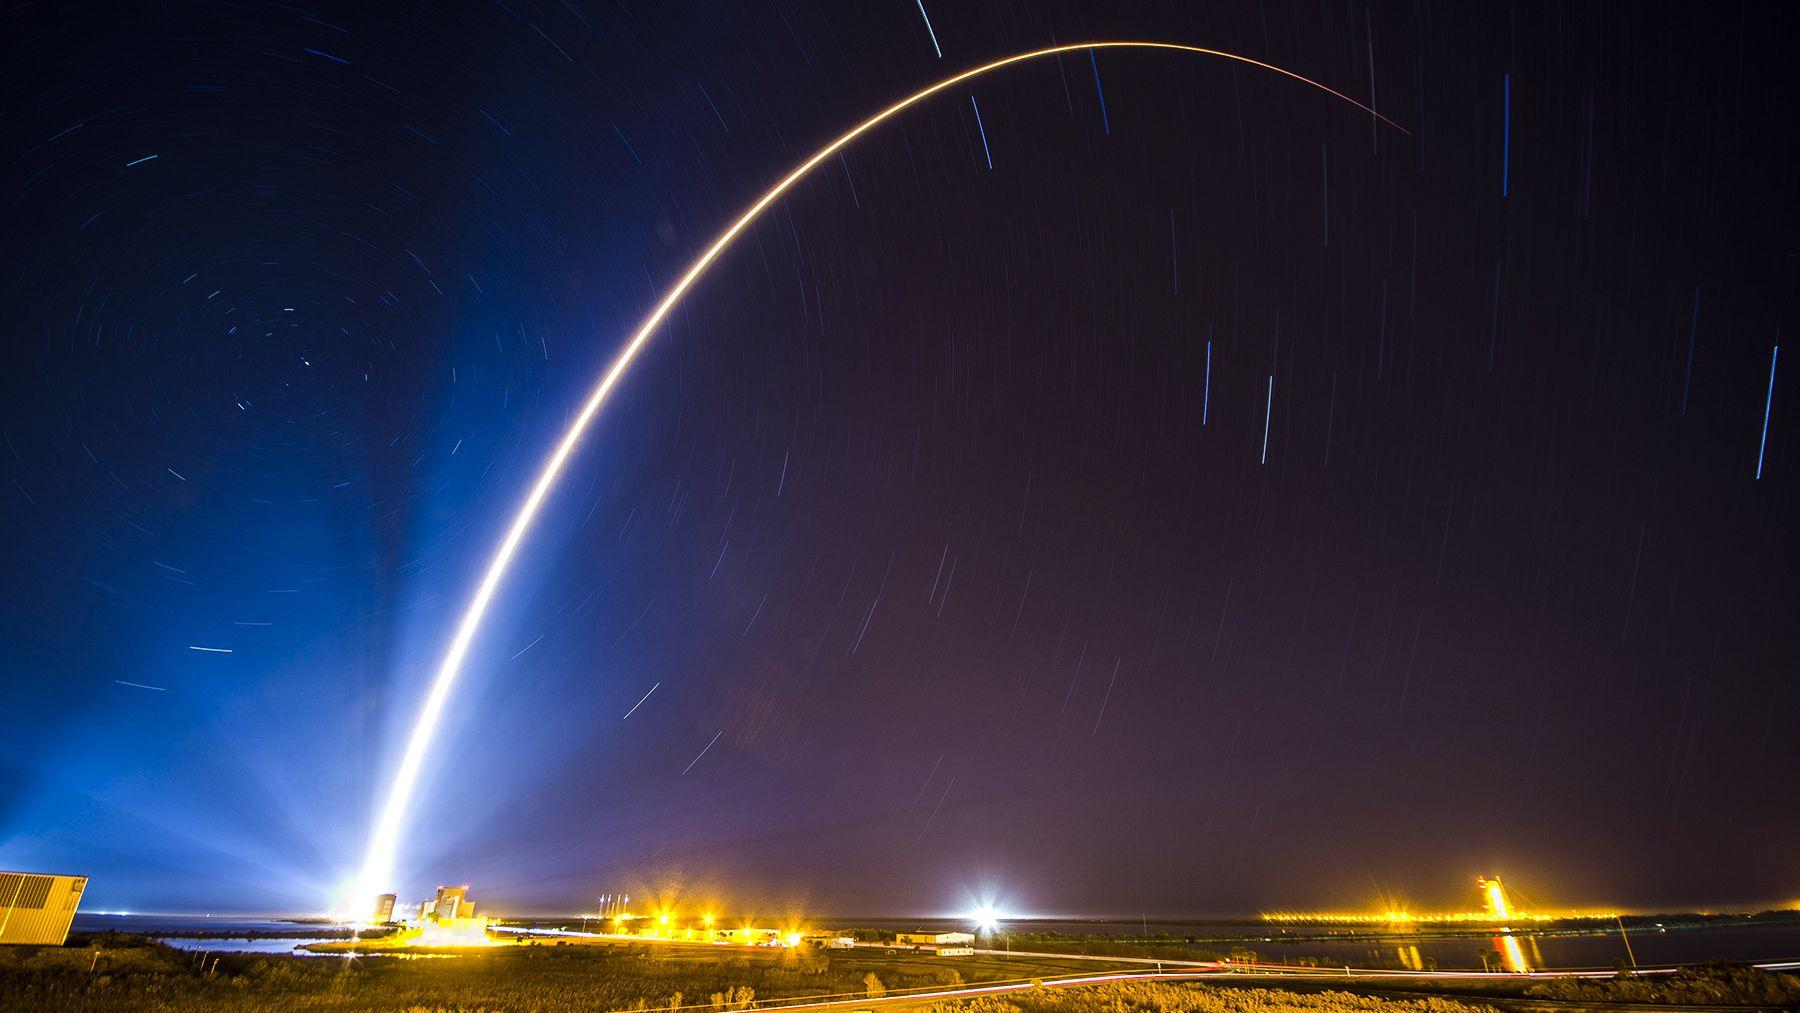 米国防総省が最大1200基の衛星打ち上げを計画、極超音速兵器に対抗